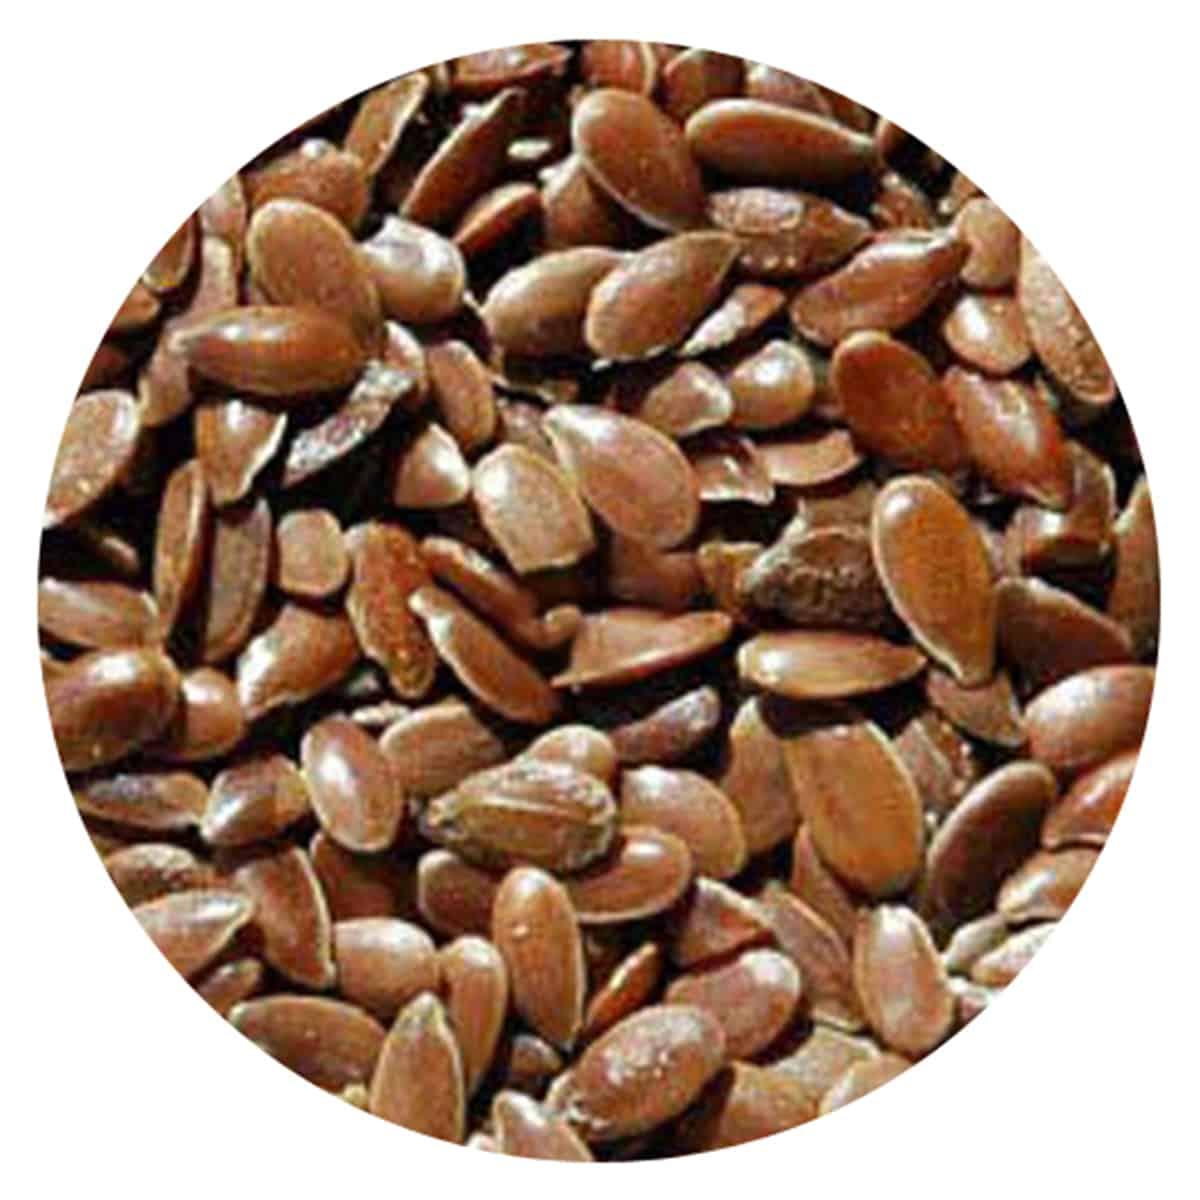 Buy IAG Foods Linseed - 1 kg